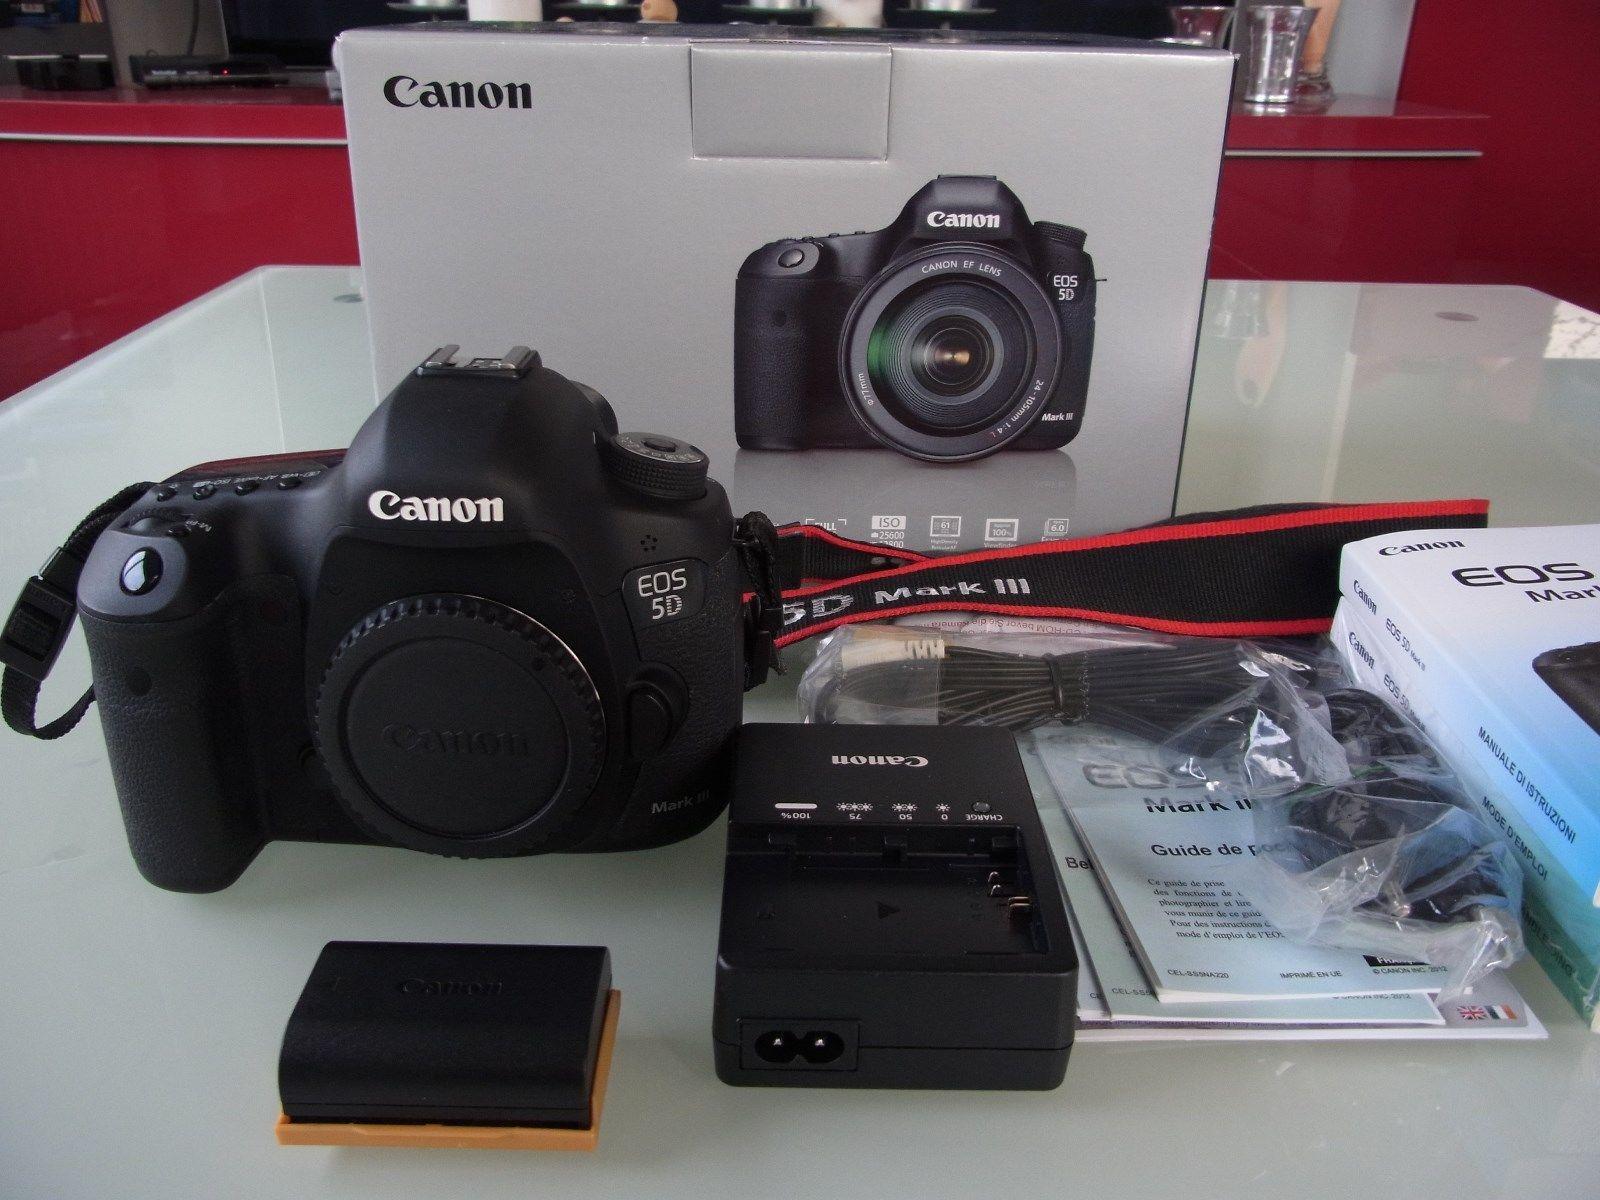 Canon EOS 5D Mark III (Nur Gehäuse) - sehr gepflegt, unter 10.000 Auslösungen